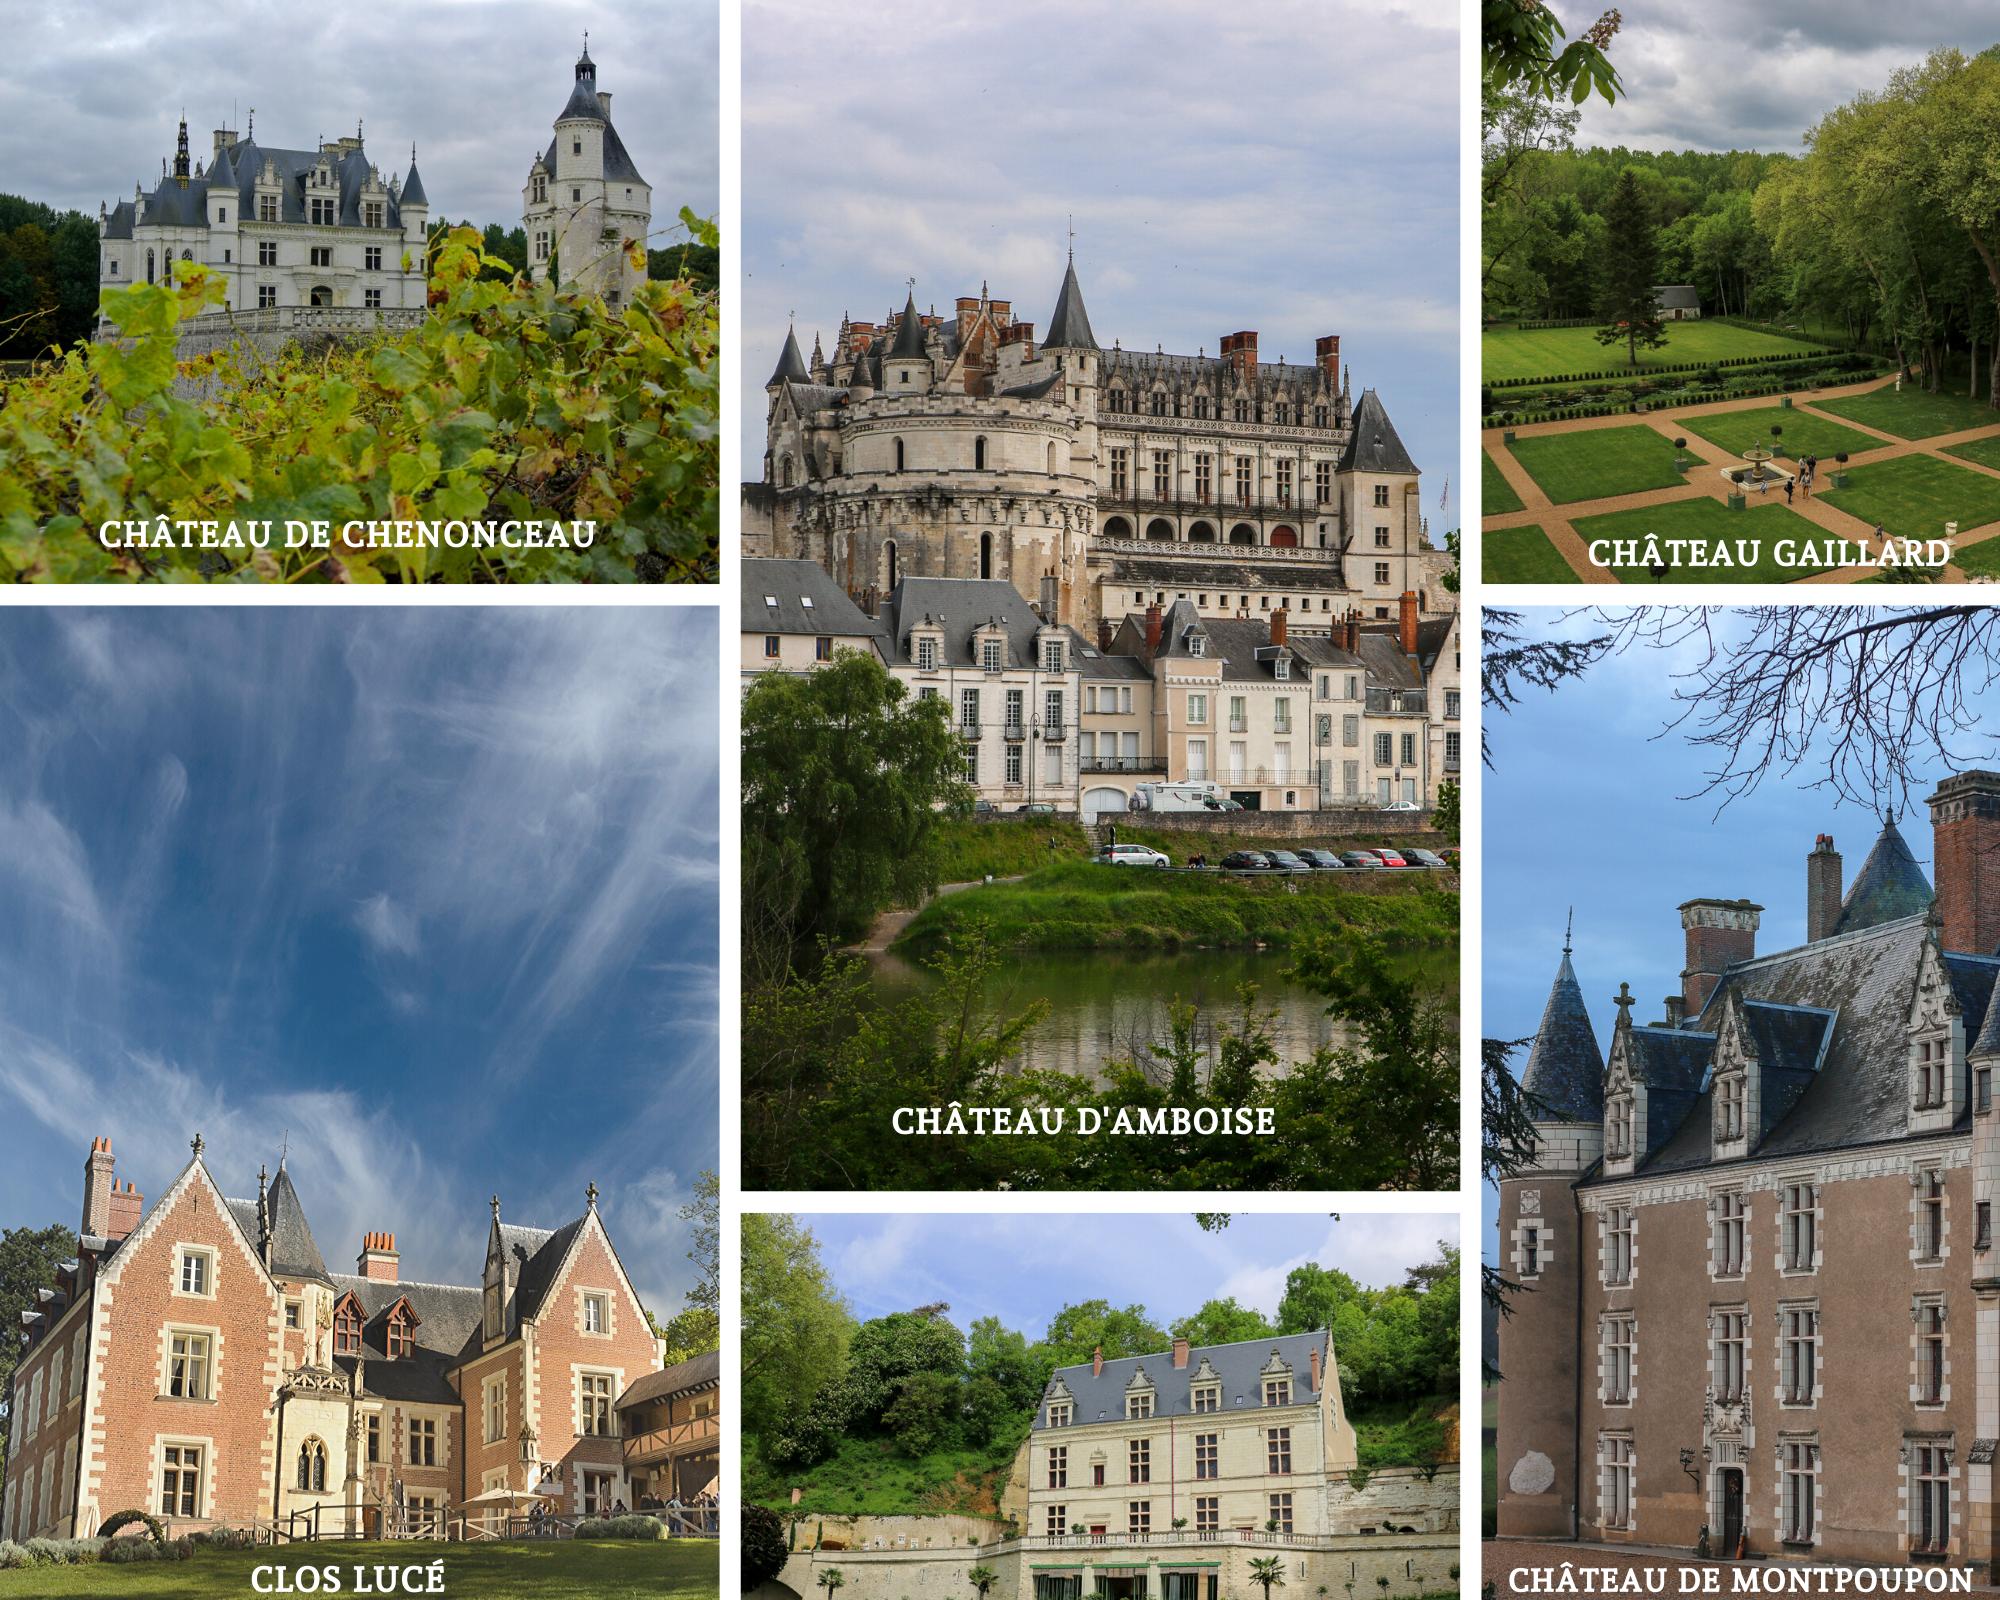 chateau autour de chenonceaux amboise montpoupon chenonceau gaillard clos luce royal vallee de la loire tourisme visite